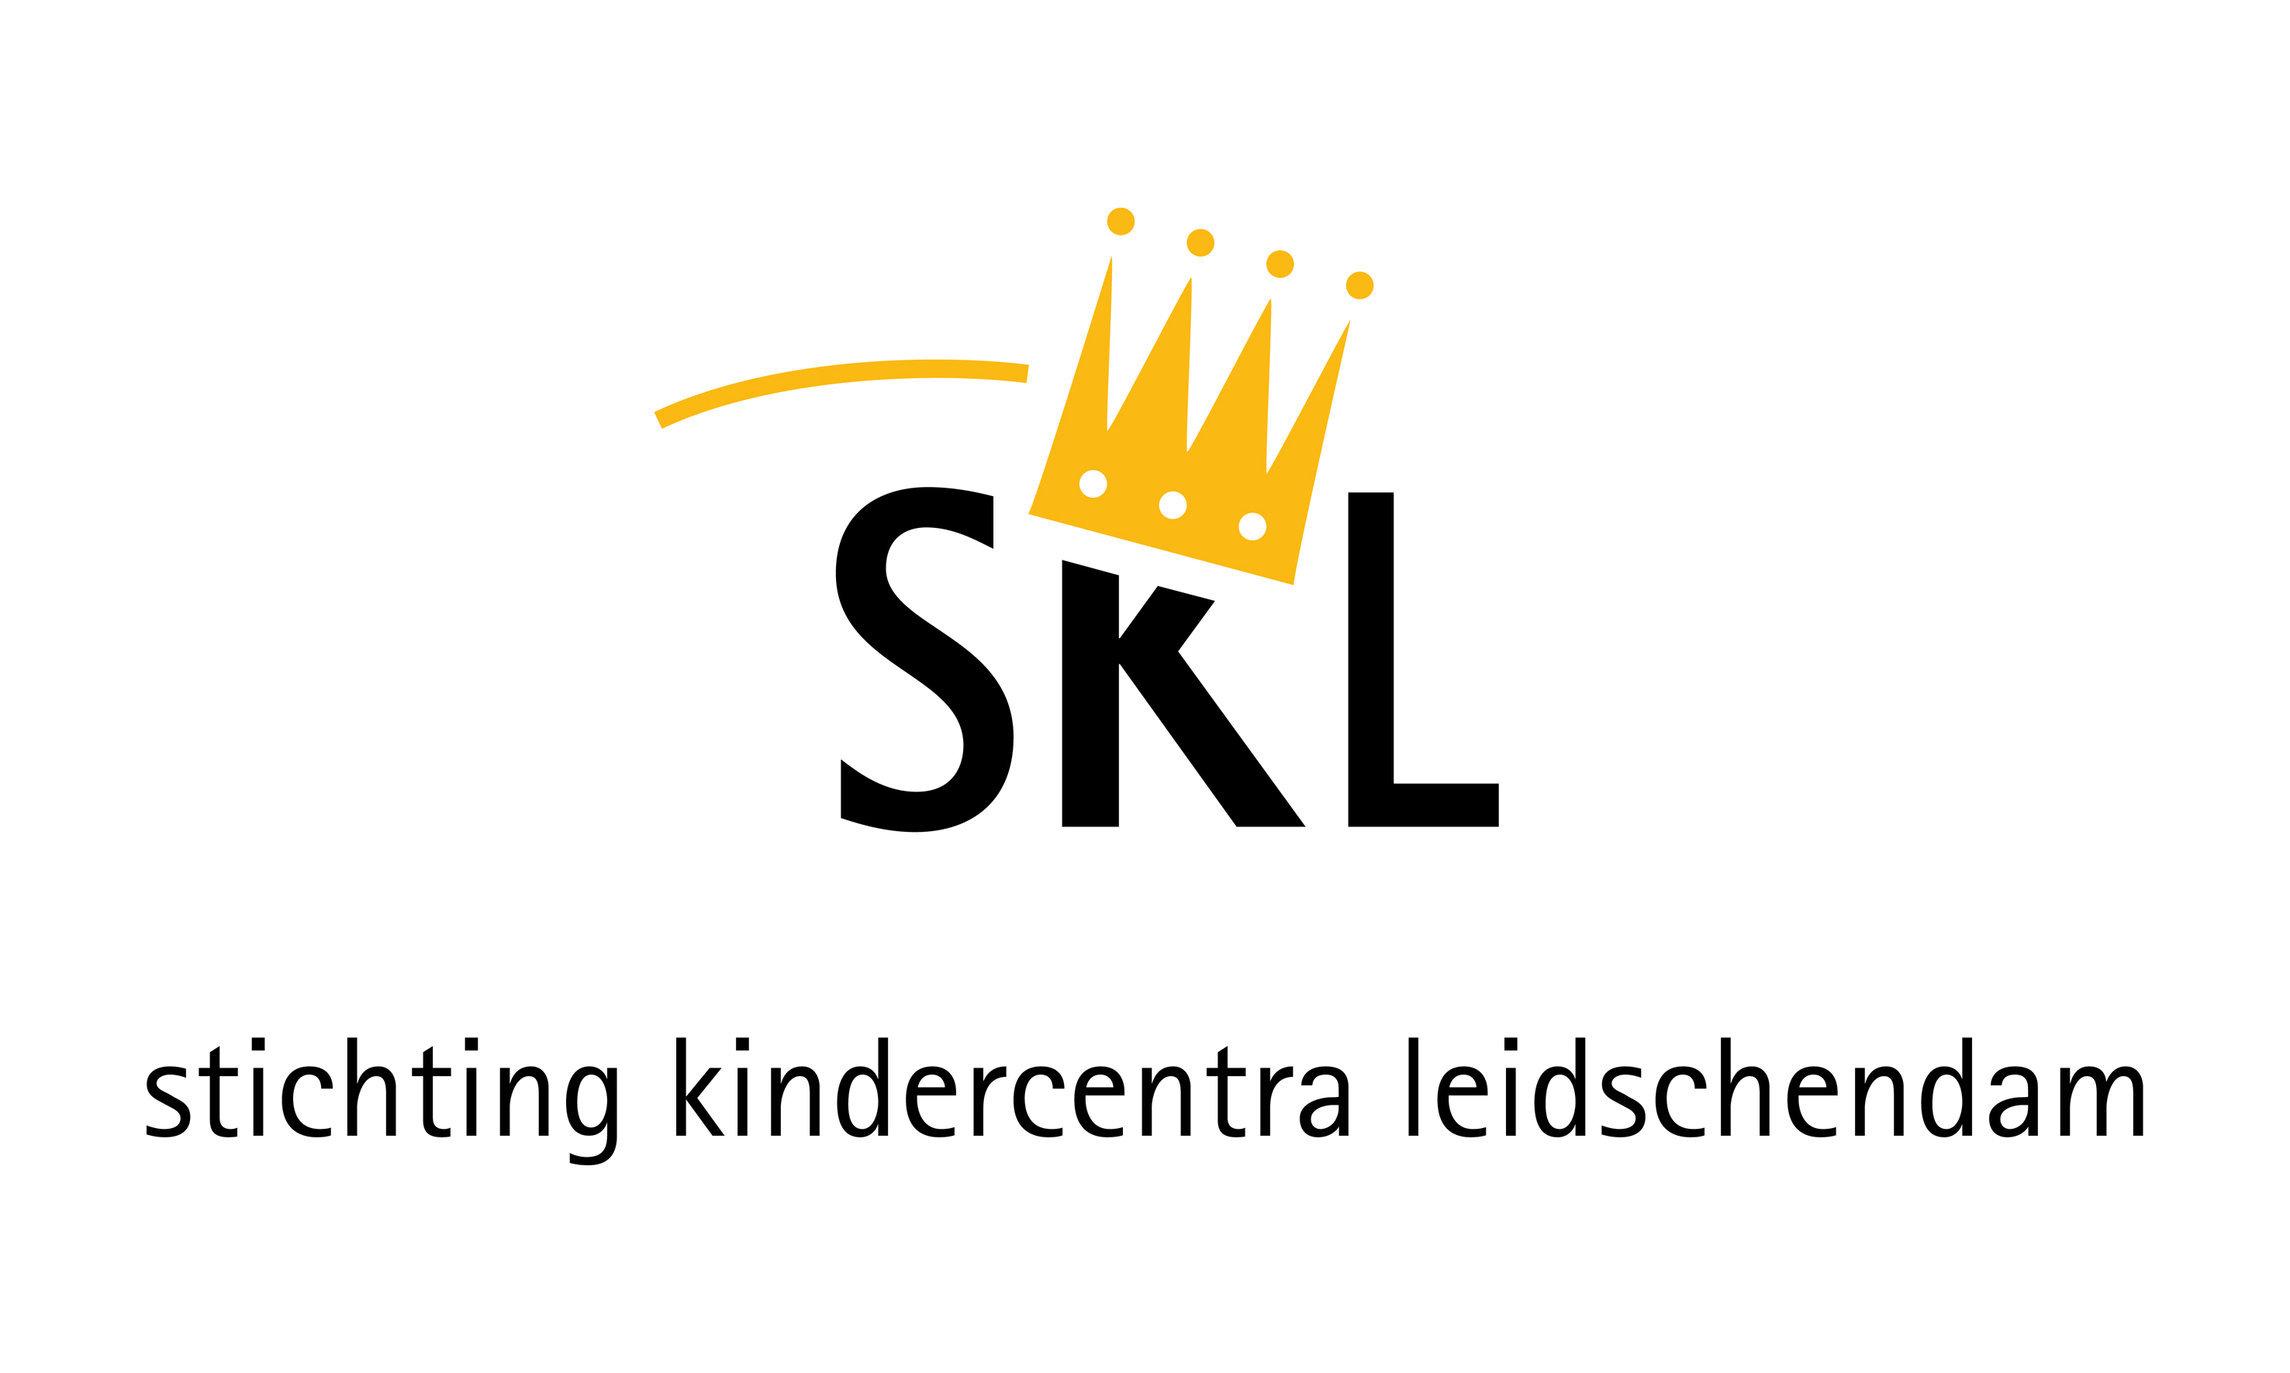 Stichting Kindercentra Leidschendam